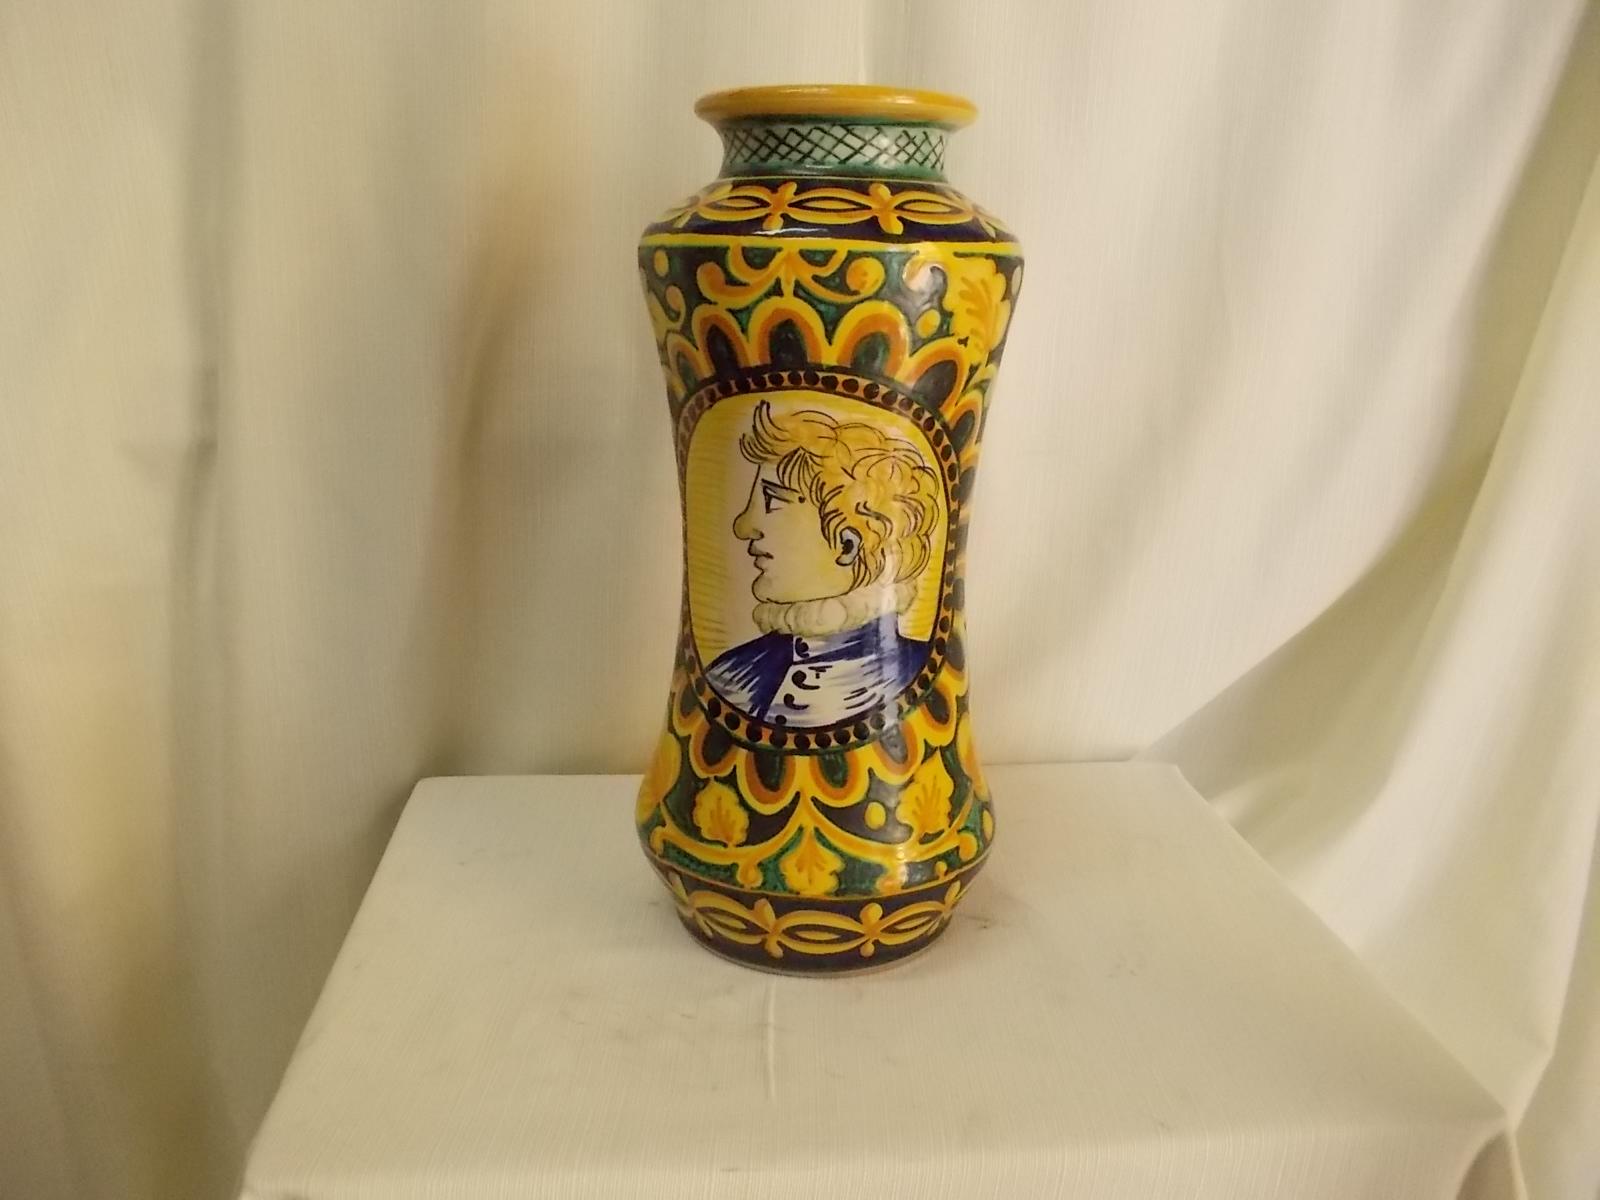 Vendita on line di ceramiche artistiche vendita on line di